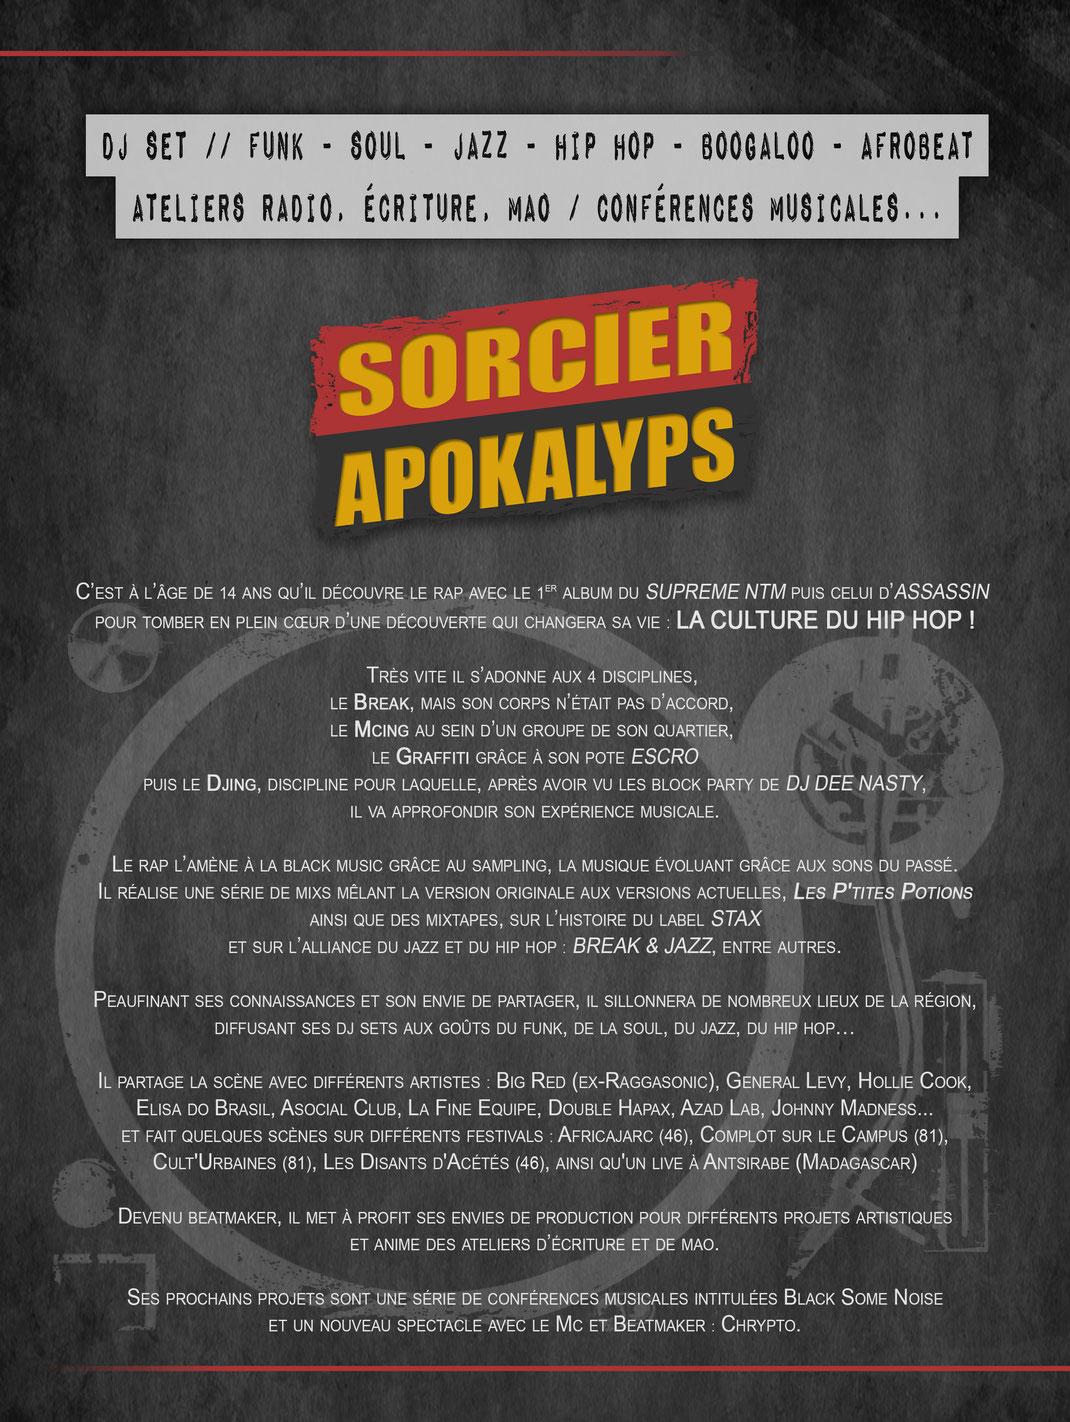 biographie de Sorcier Apokalyps / Dj, Beatmaker & Conférencier